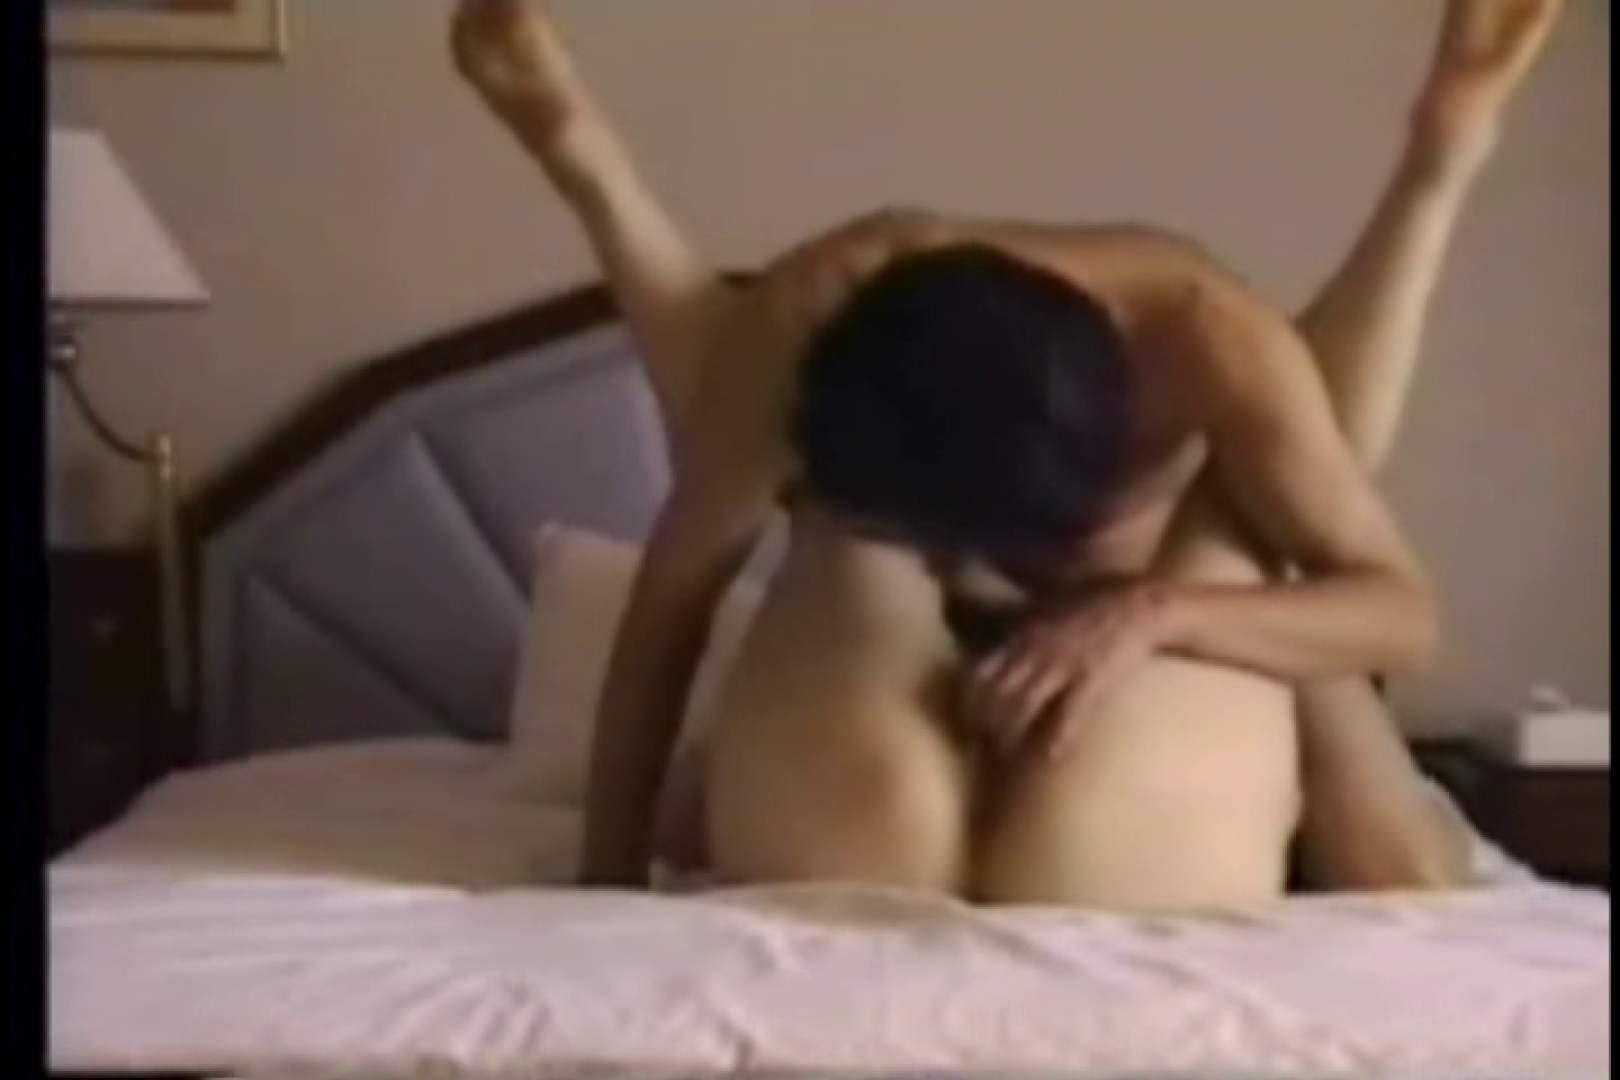 ホテルに抱かれに来る美熟女4 熟女の女体 | ホテルで絶頂  26pic 18